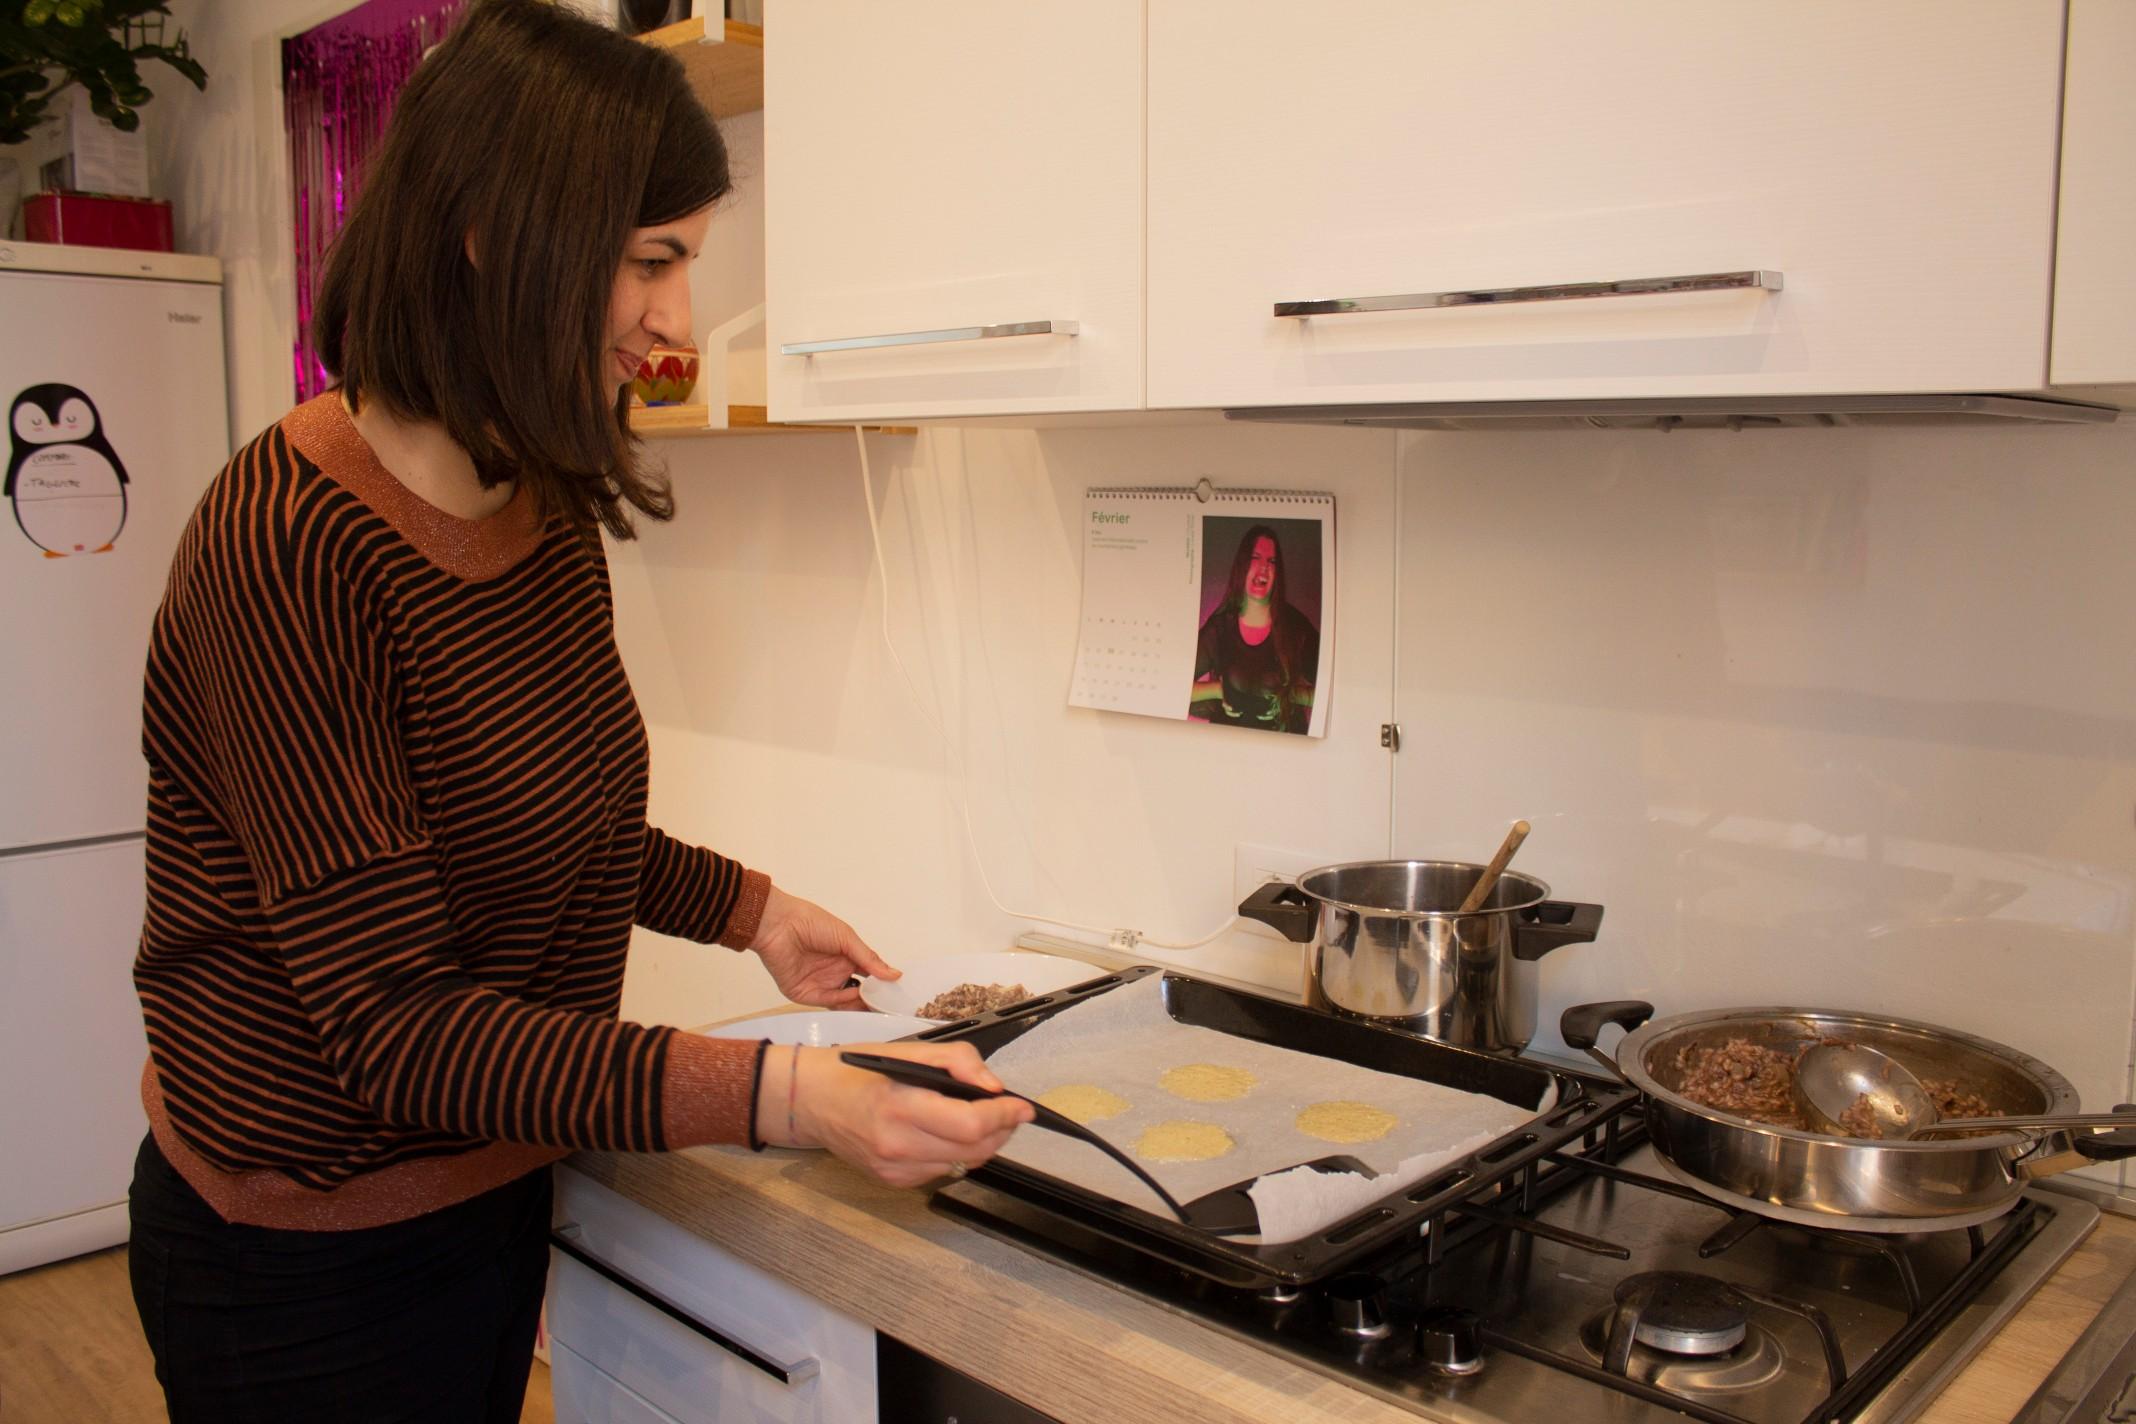 Laura perparing risotto